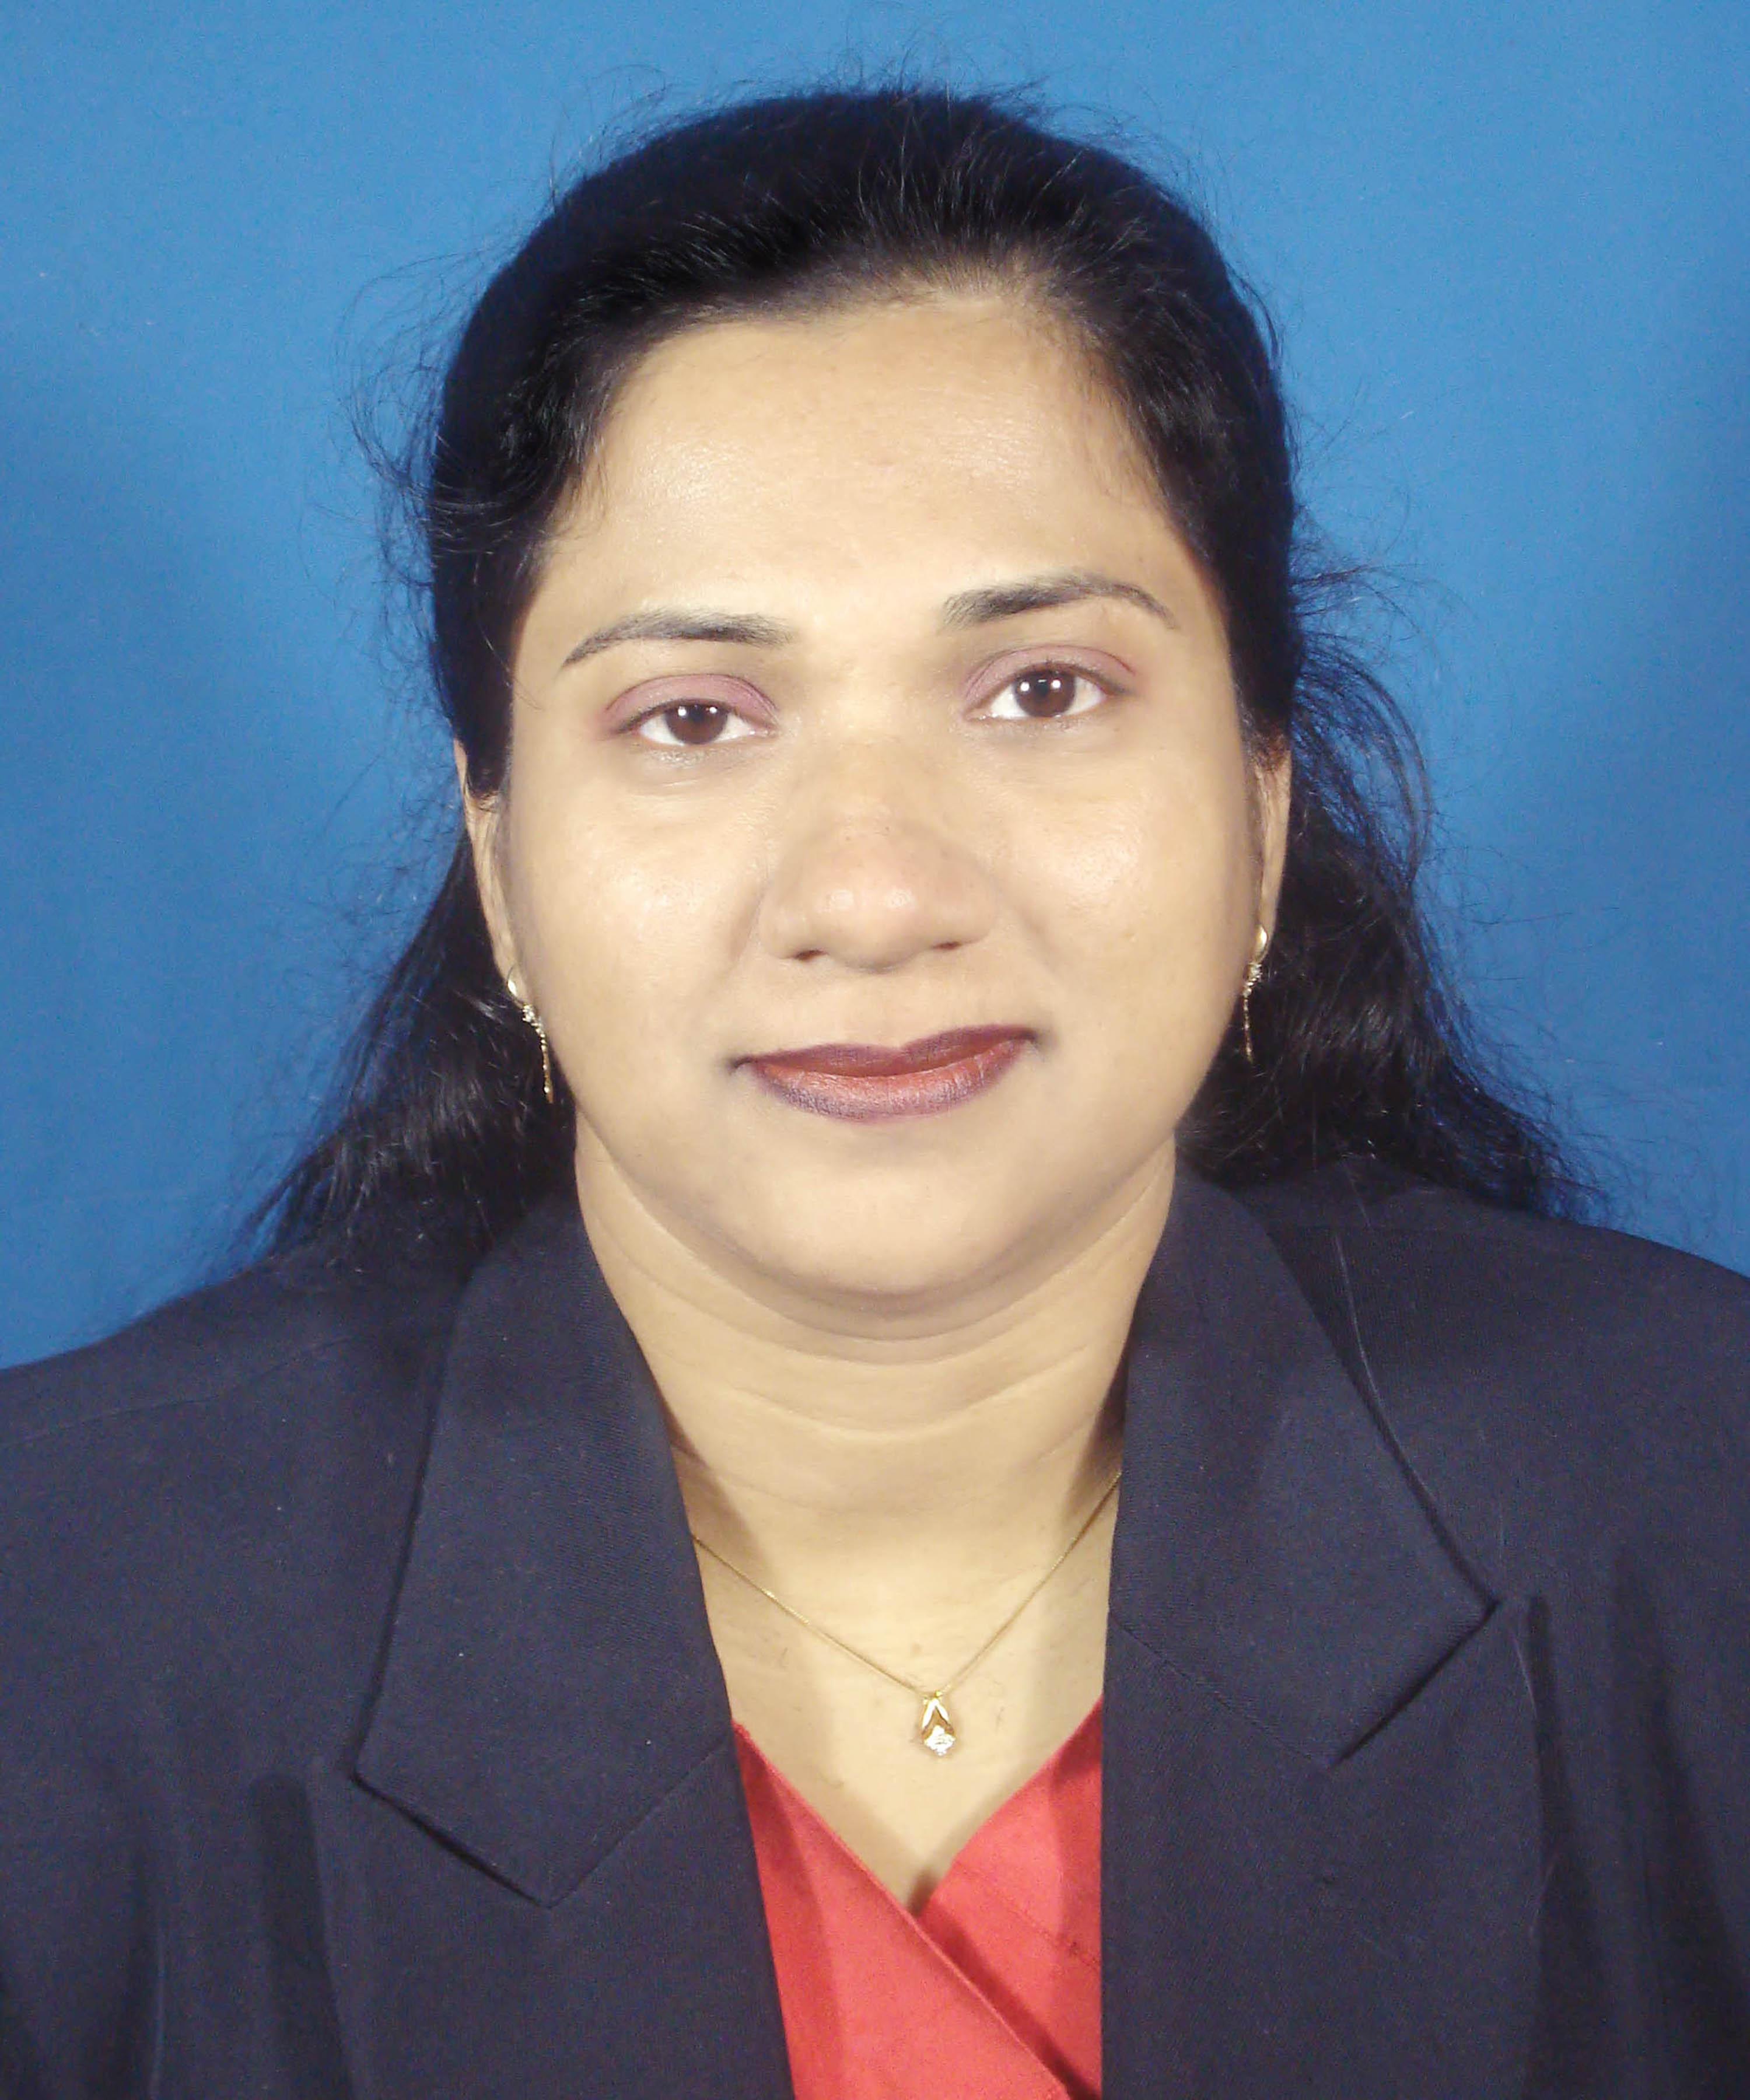 Dr. Mst. Minara  Khatun